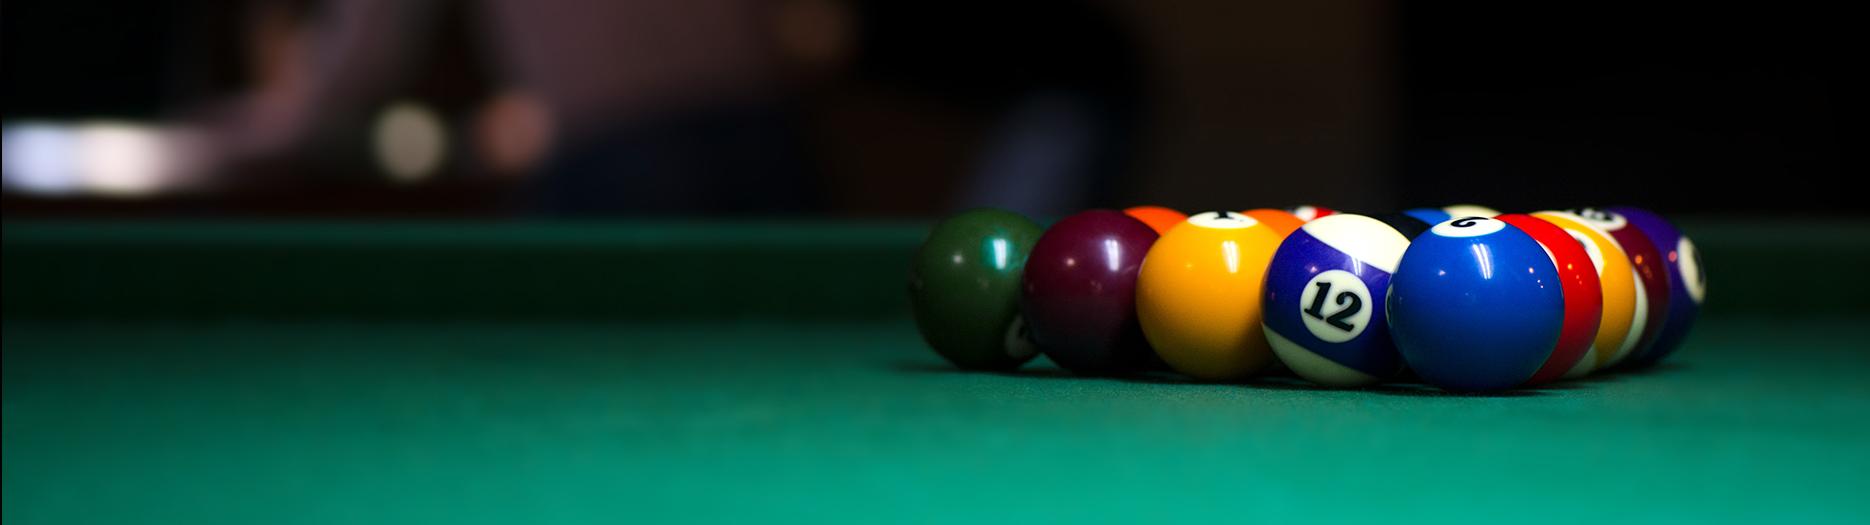 1870px x525px pool